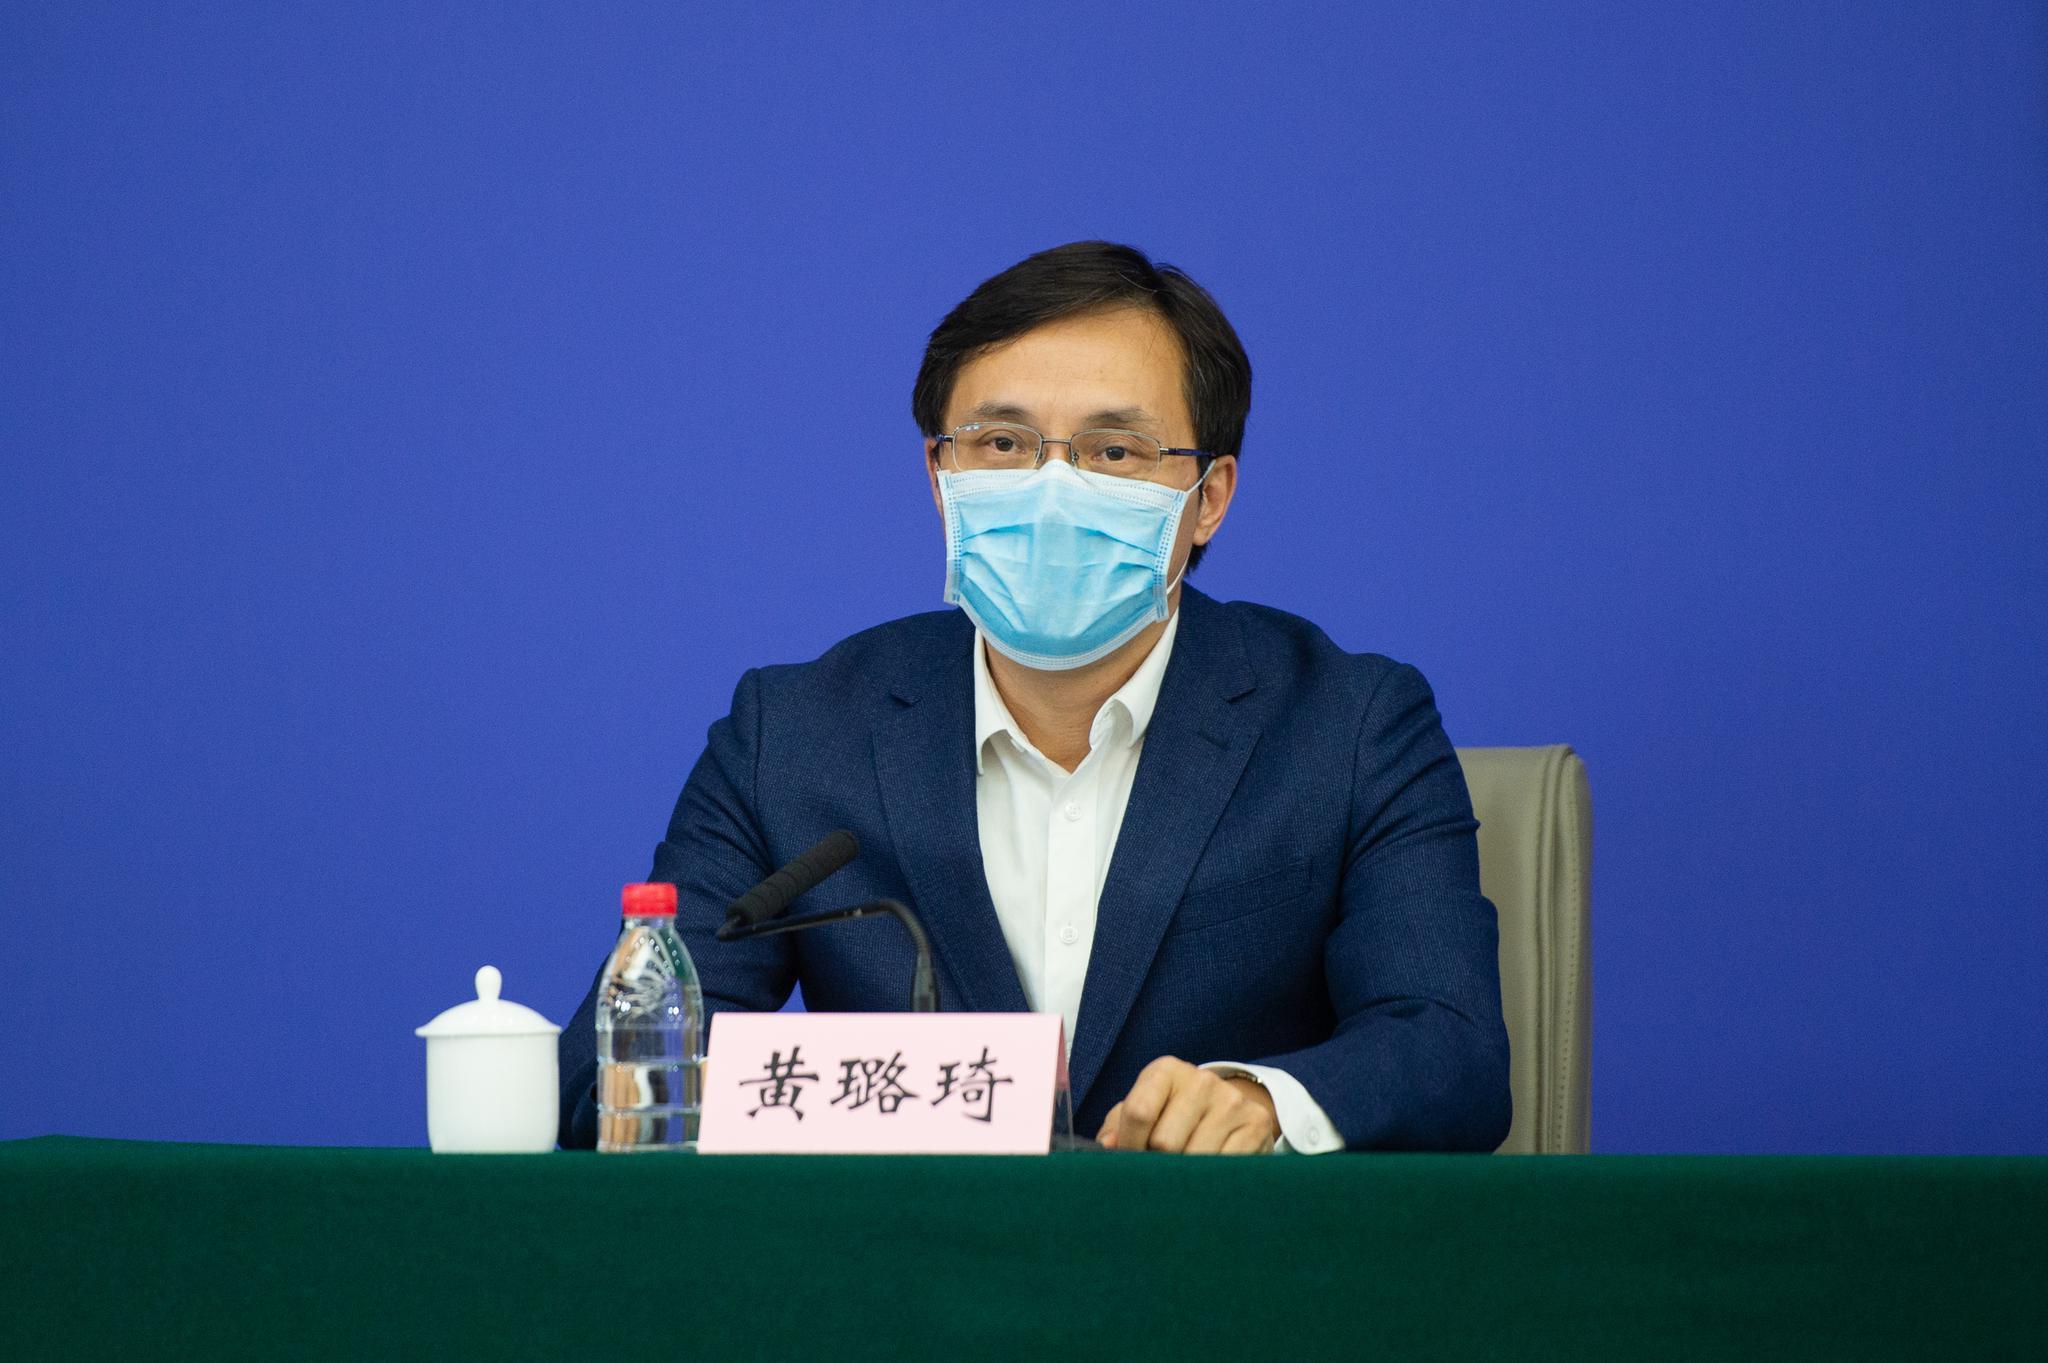 中国工程院院士、中国中医科学院院长黄璐琦。受访者供图